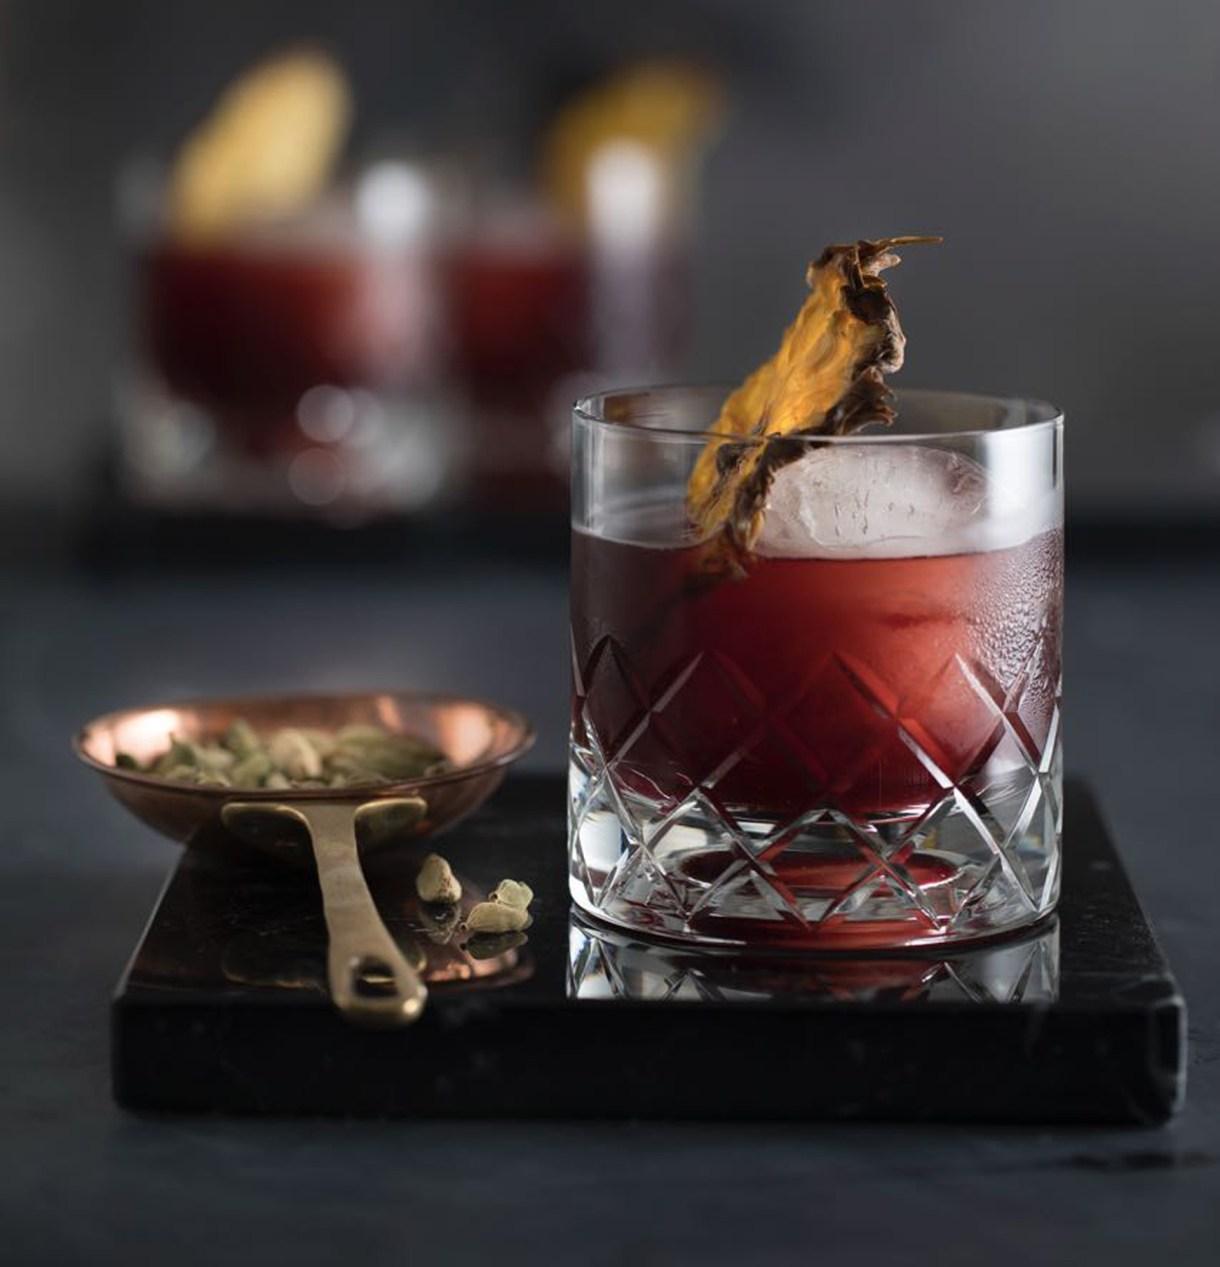 El vino tinto también puede ser un gran aliado para preparar un cocktail